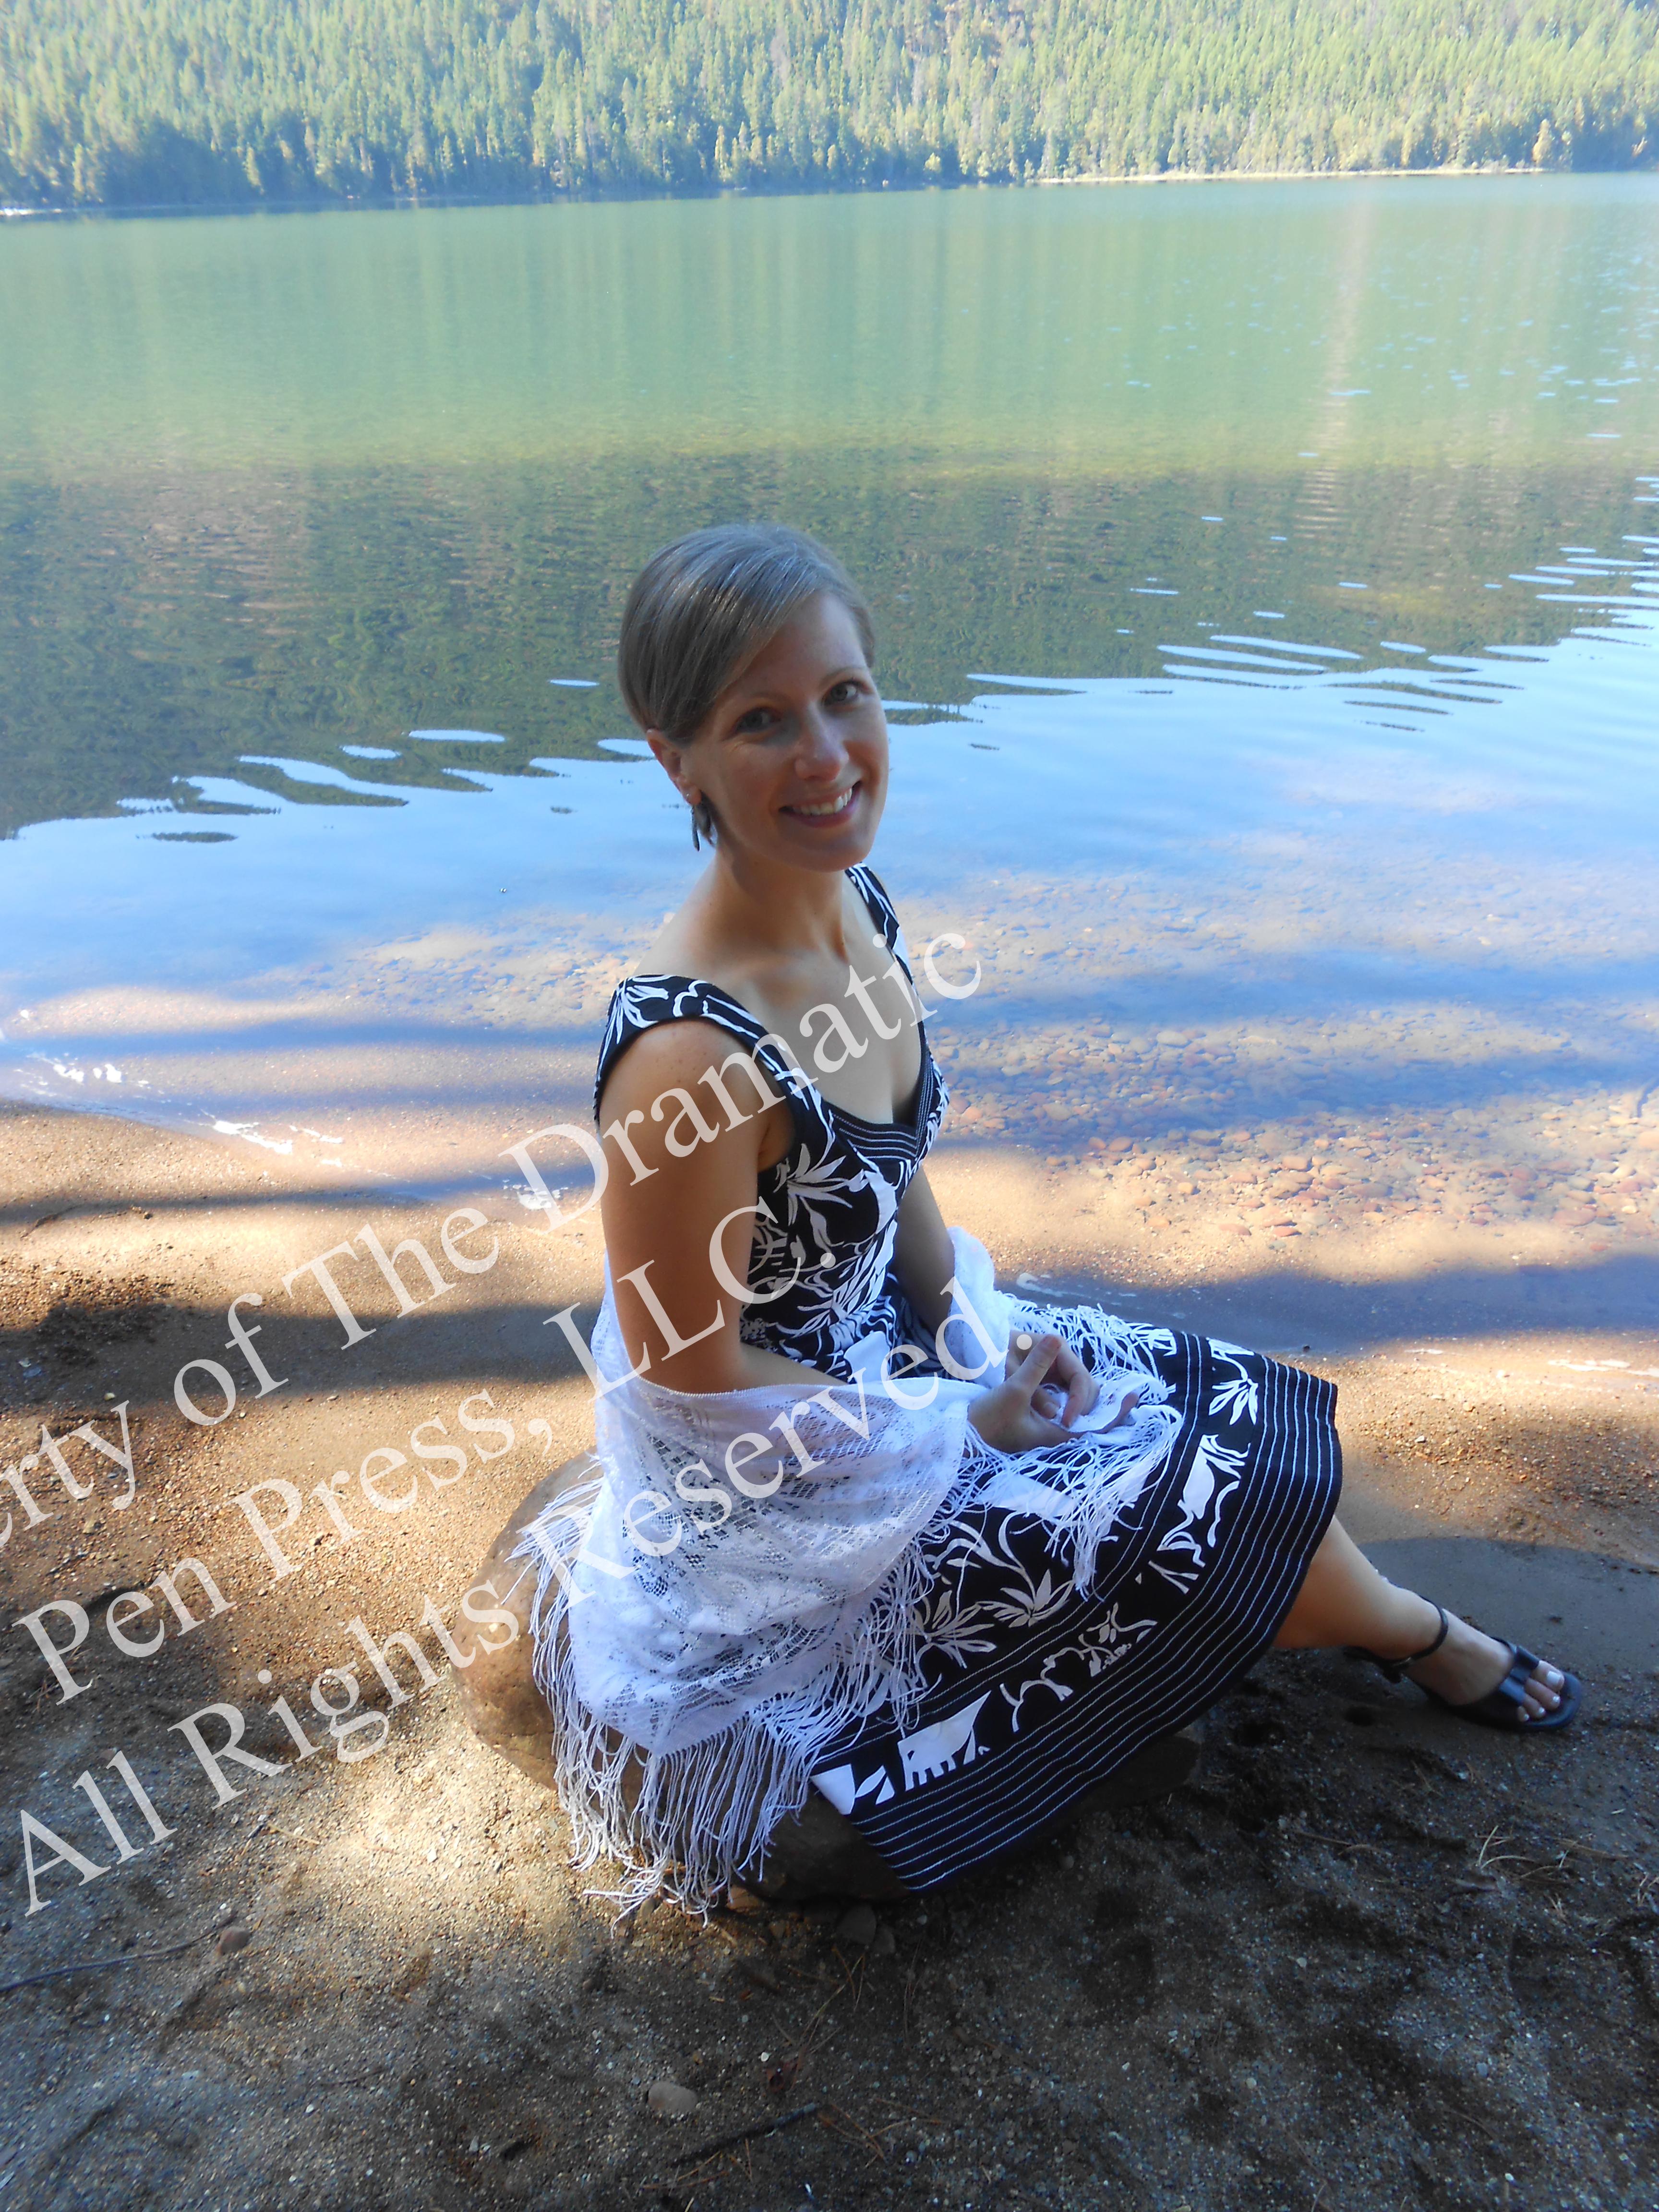 Woman by Lake Smiling